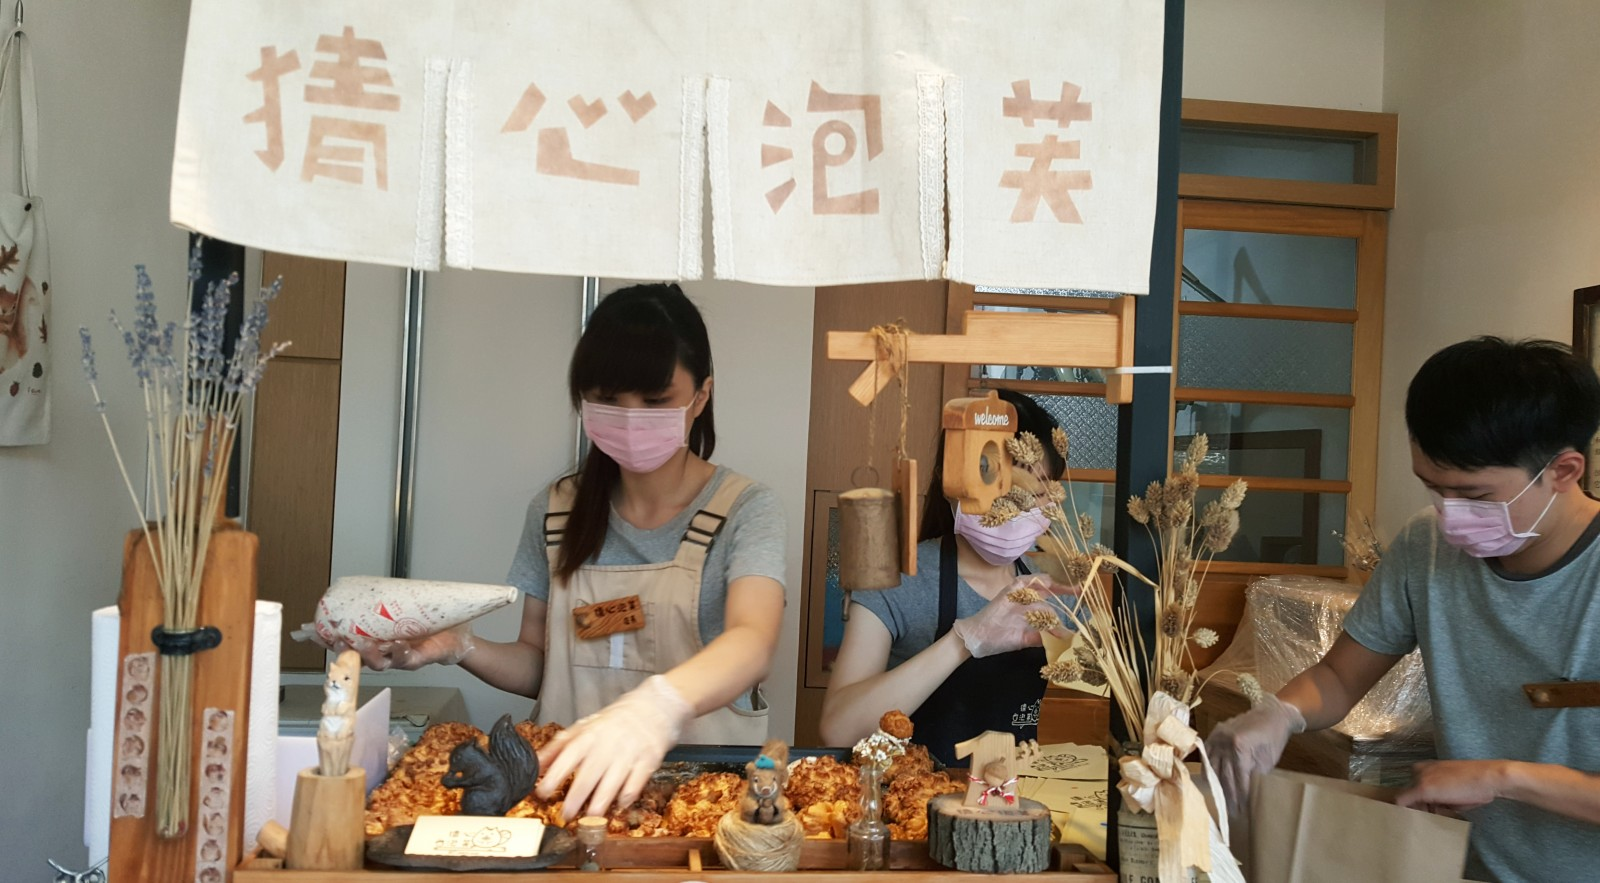 吃貨魂》人氣猜心泡芙,每日口味限定發售,猜猜泡芙的心口味特別。